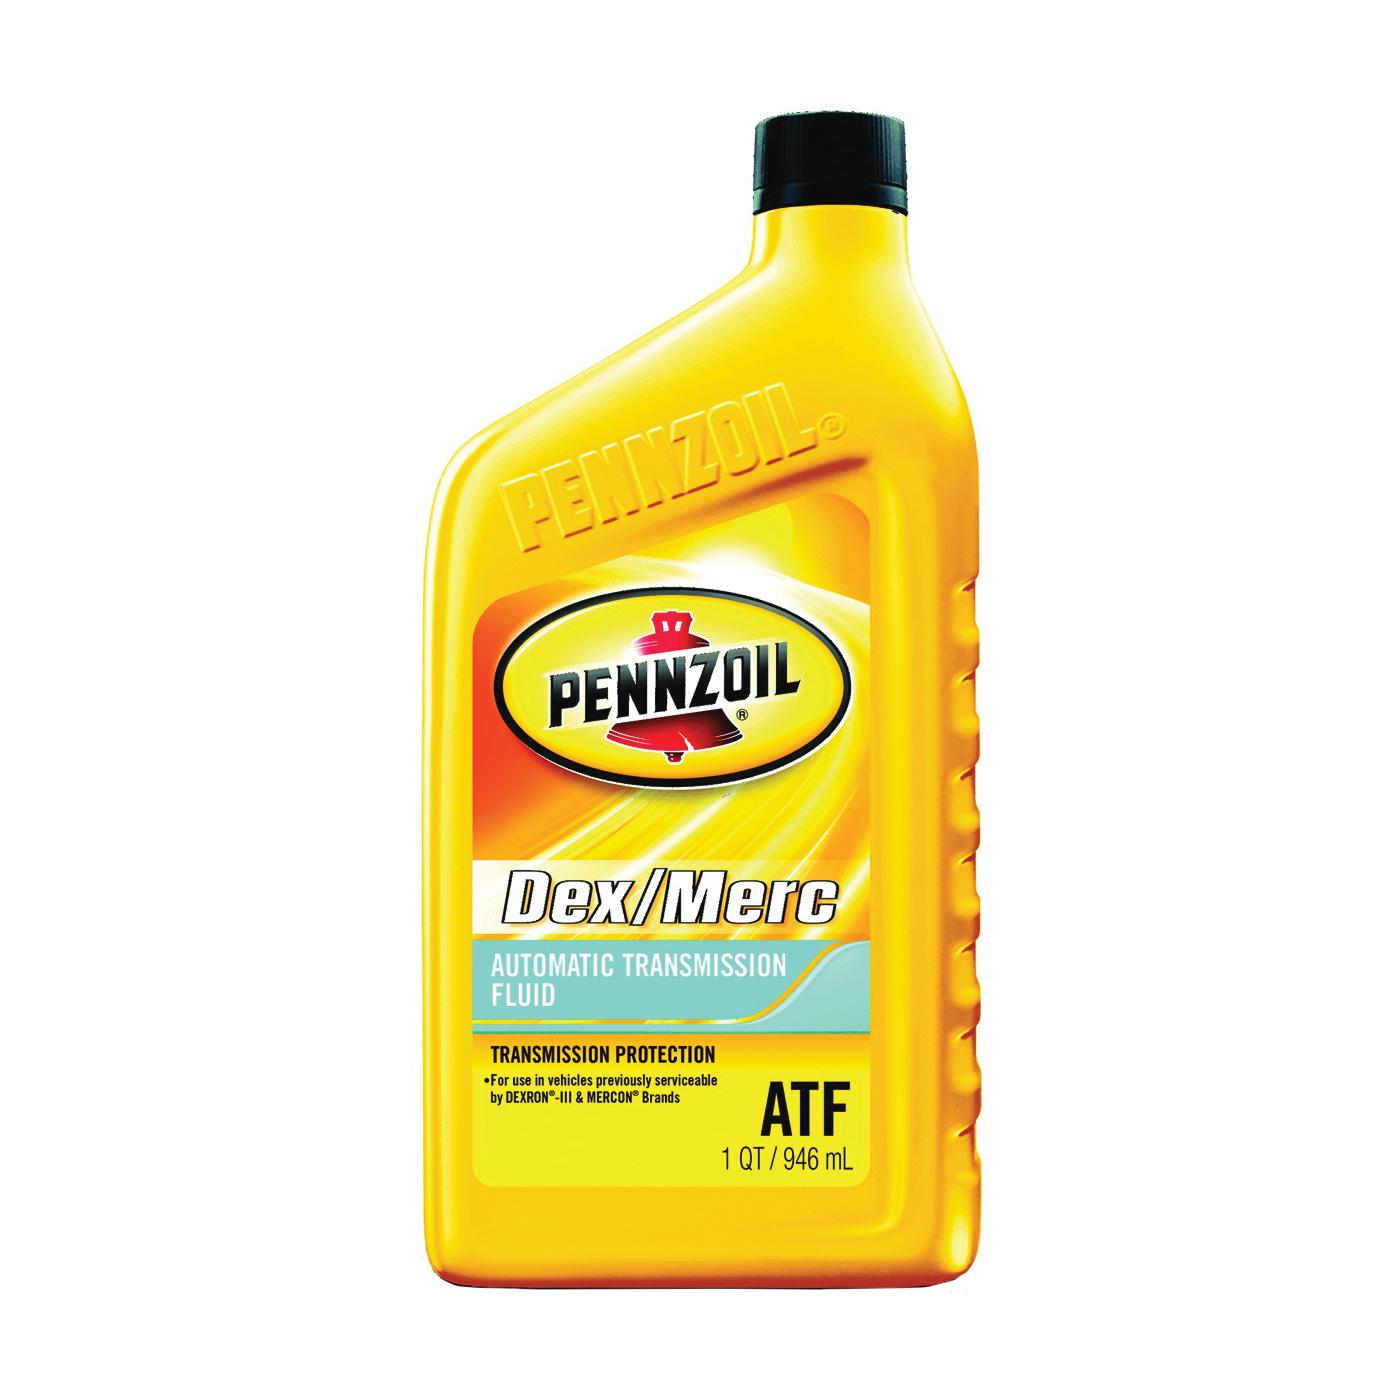 Picture of Pennzoil 550042065 Transmission Fluid, 1 qt, Bottle